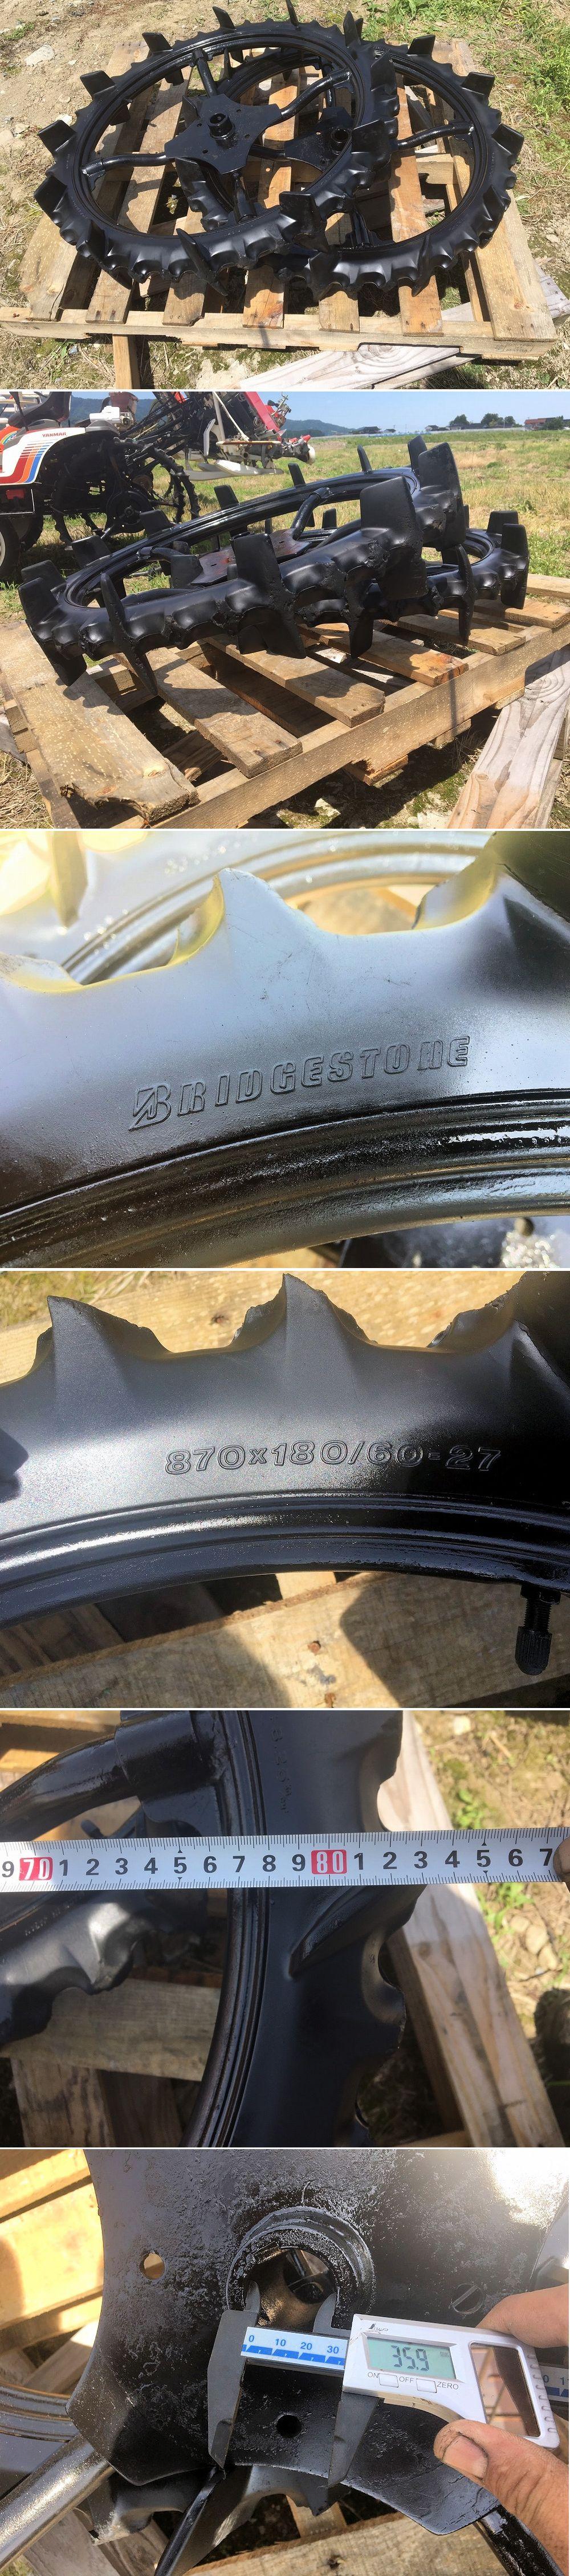 三菱田植機 後輪 丸軸 車輪 中古 社外タイヤ ブリヂストン 870×180/60-27 程度良好